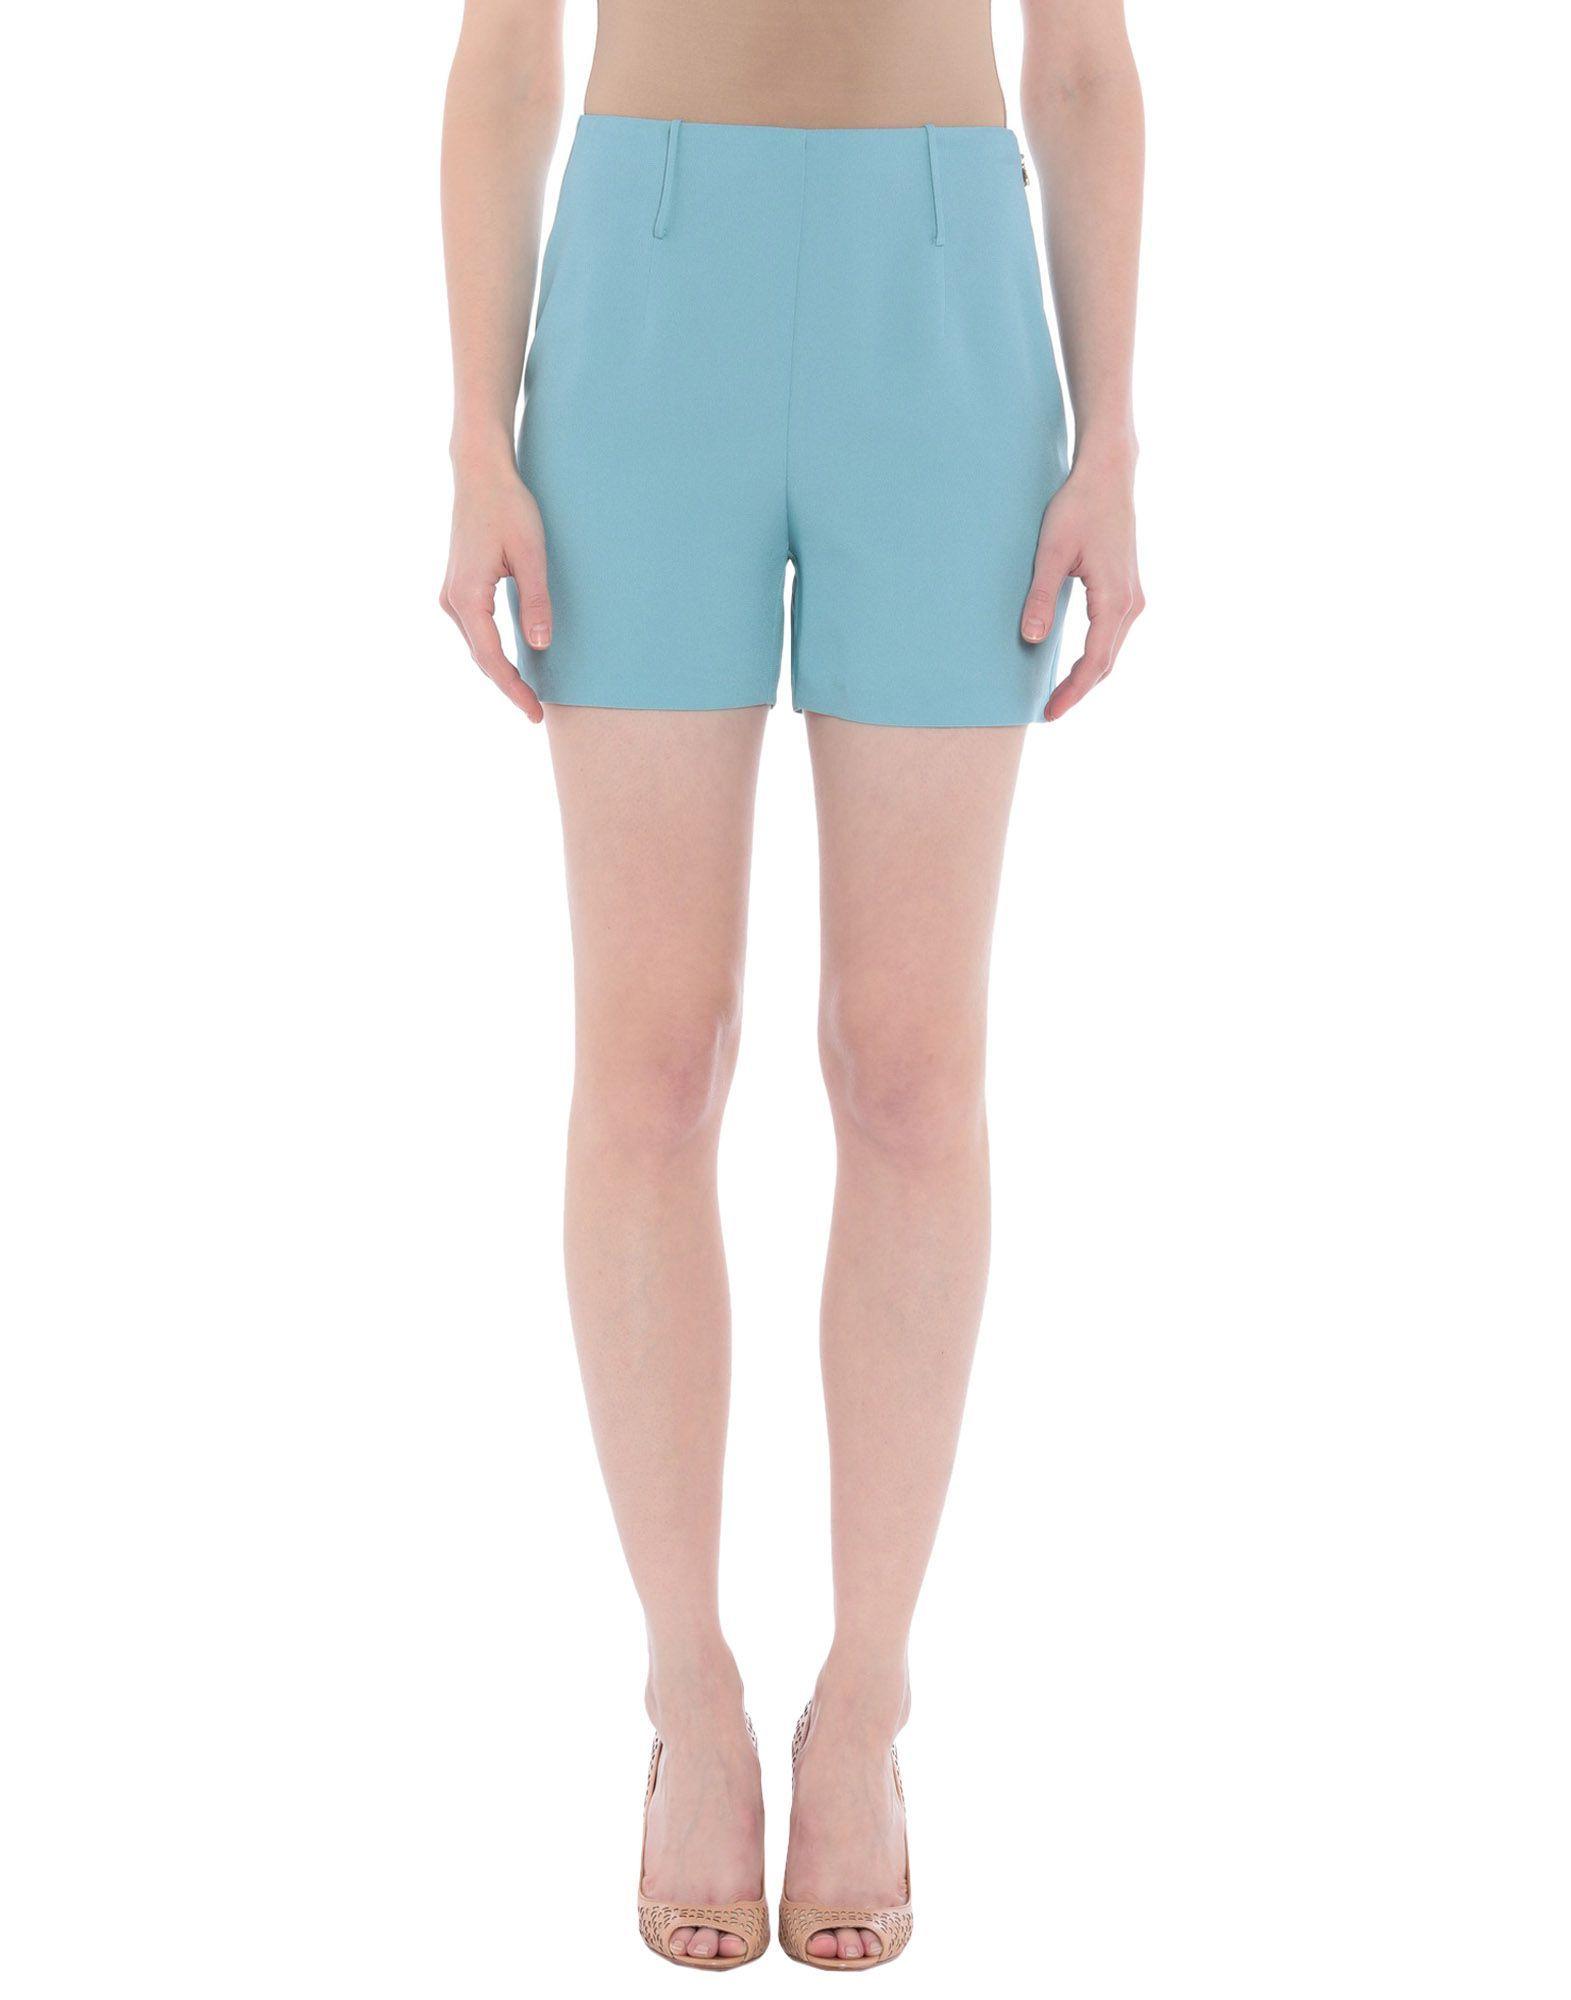 Patrizia Pepe Sera Sky Blue Shorts